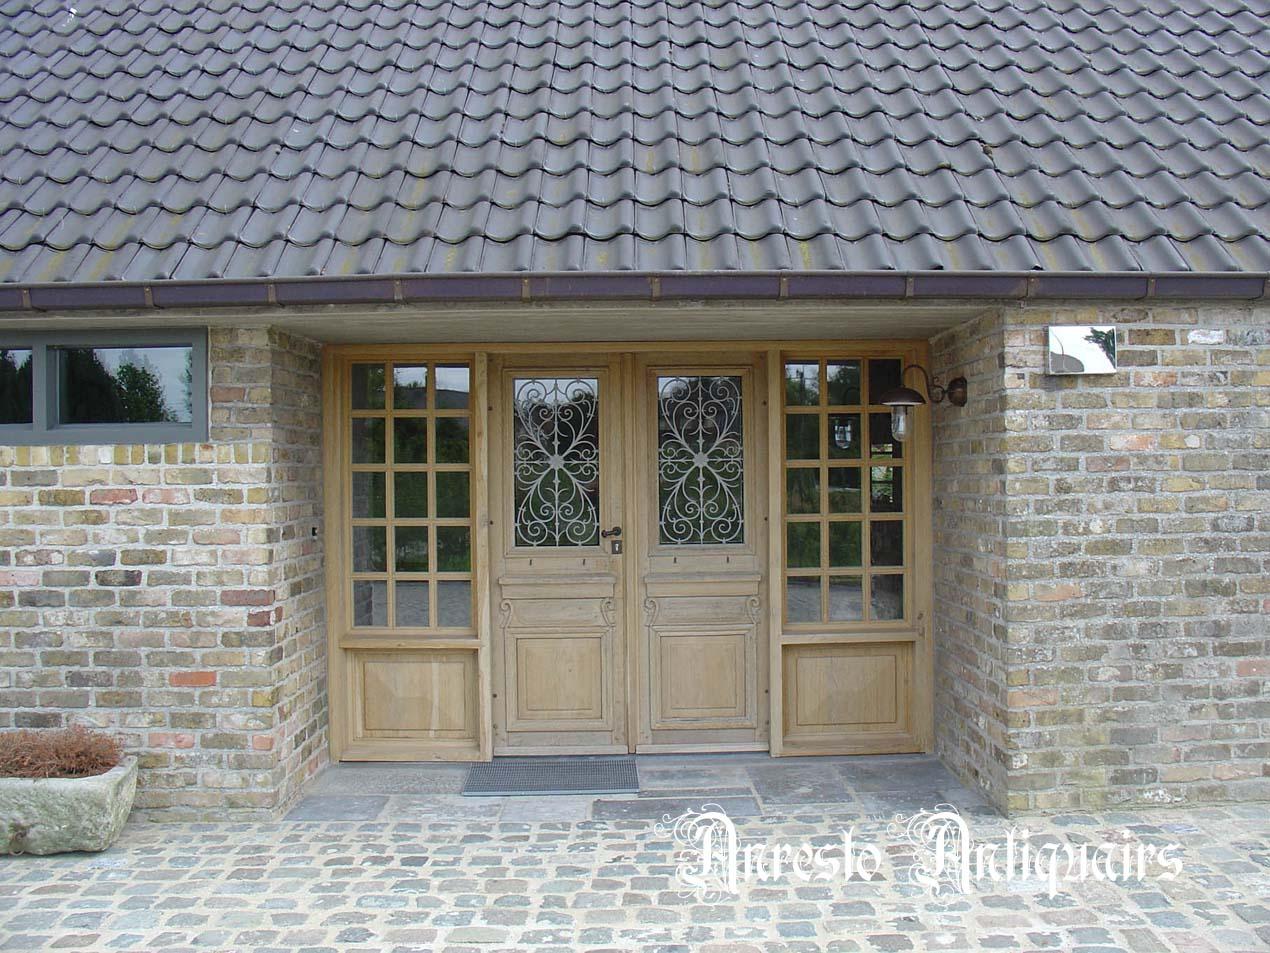 Ref. 48 – Exclusieve deur wordt op uw maat gemaakt met oud hout